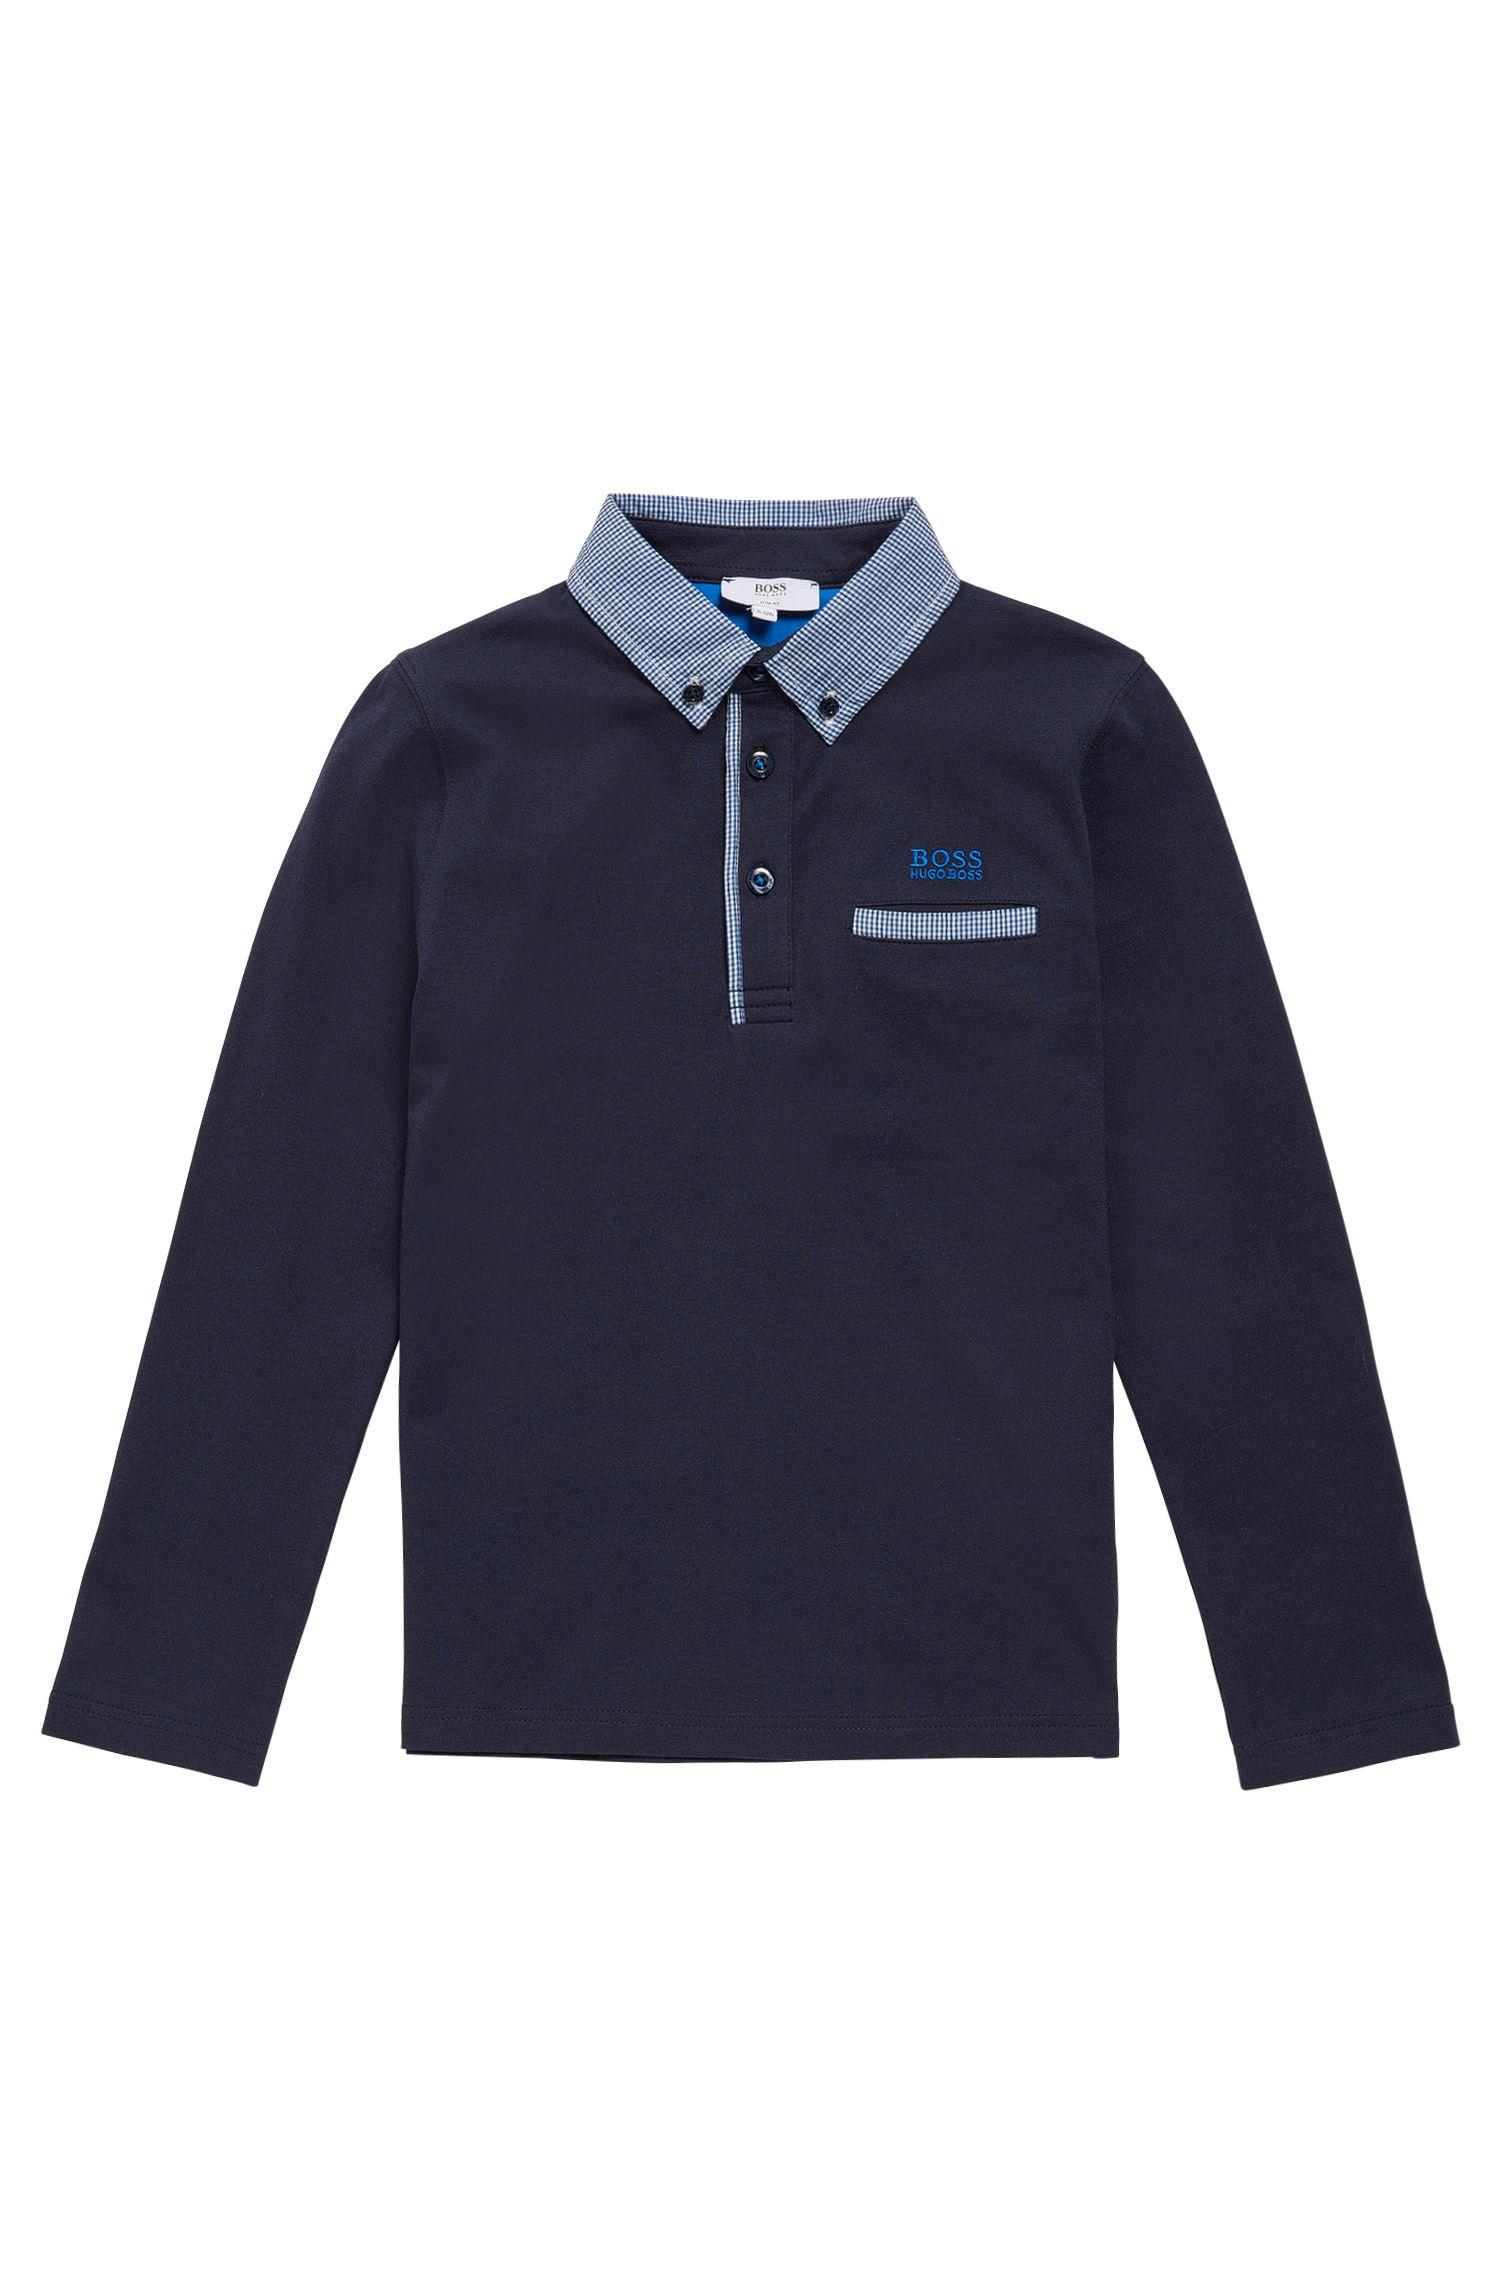 'J25993'   Boys Cotton Polo Shirt